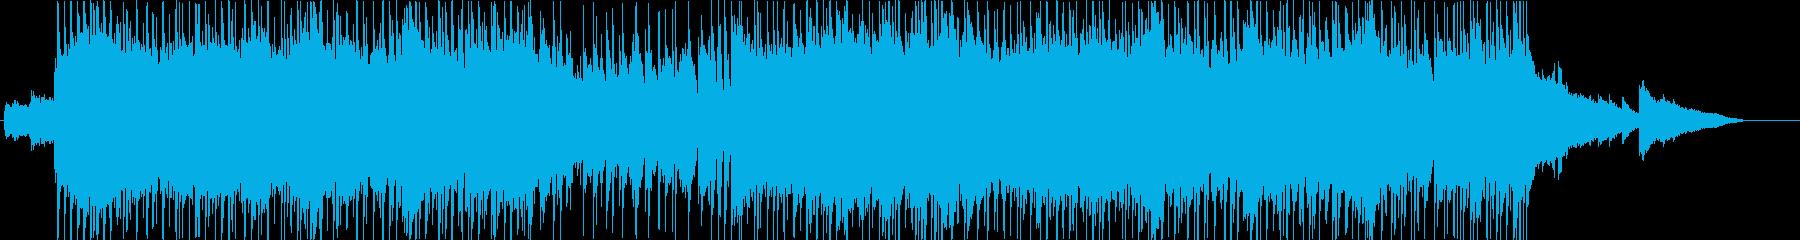 ストリングスが映えるアップテンポ曲の再生済みの波形